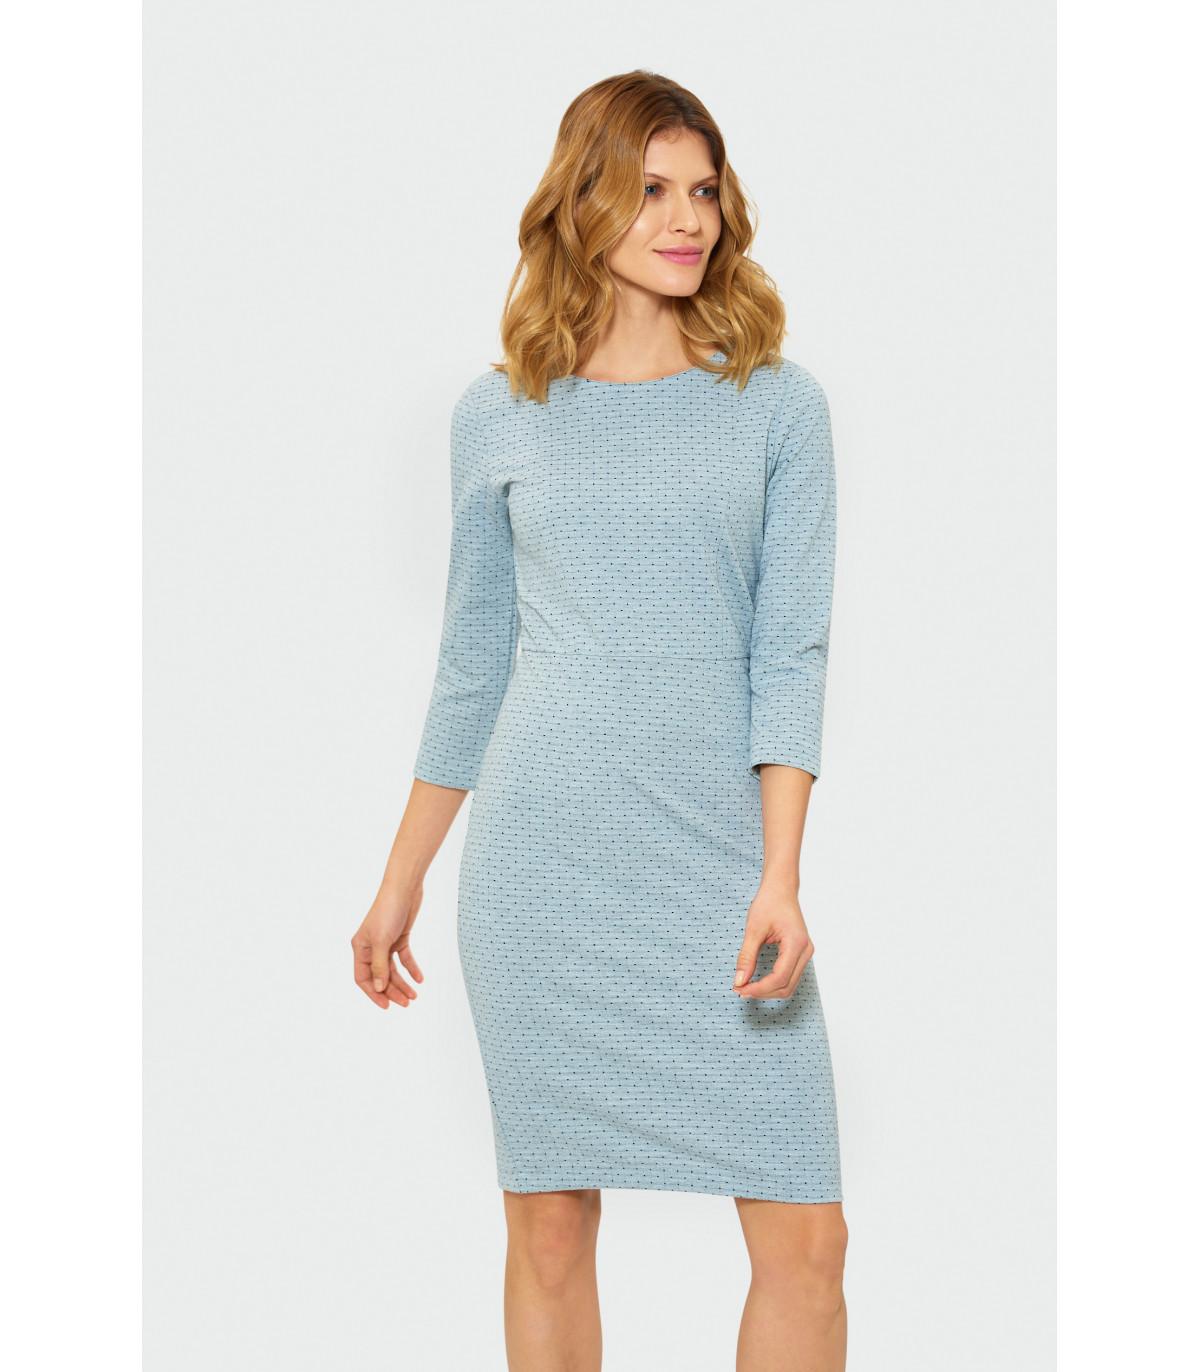 3bbf5fe2b5 Ołówkowa sukienka Rozmiar 44 Kolor S19GRLIM